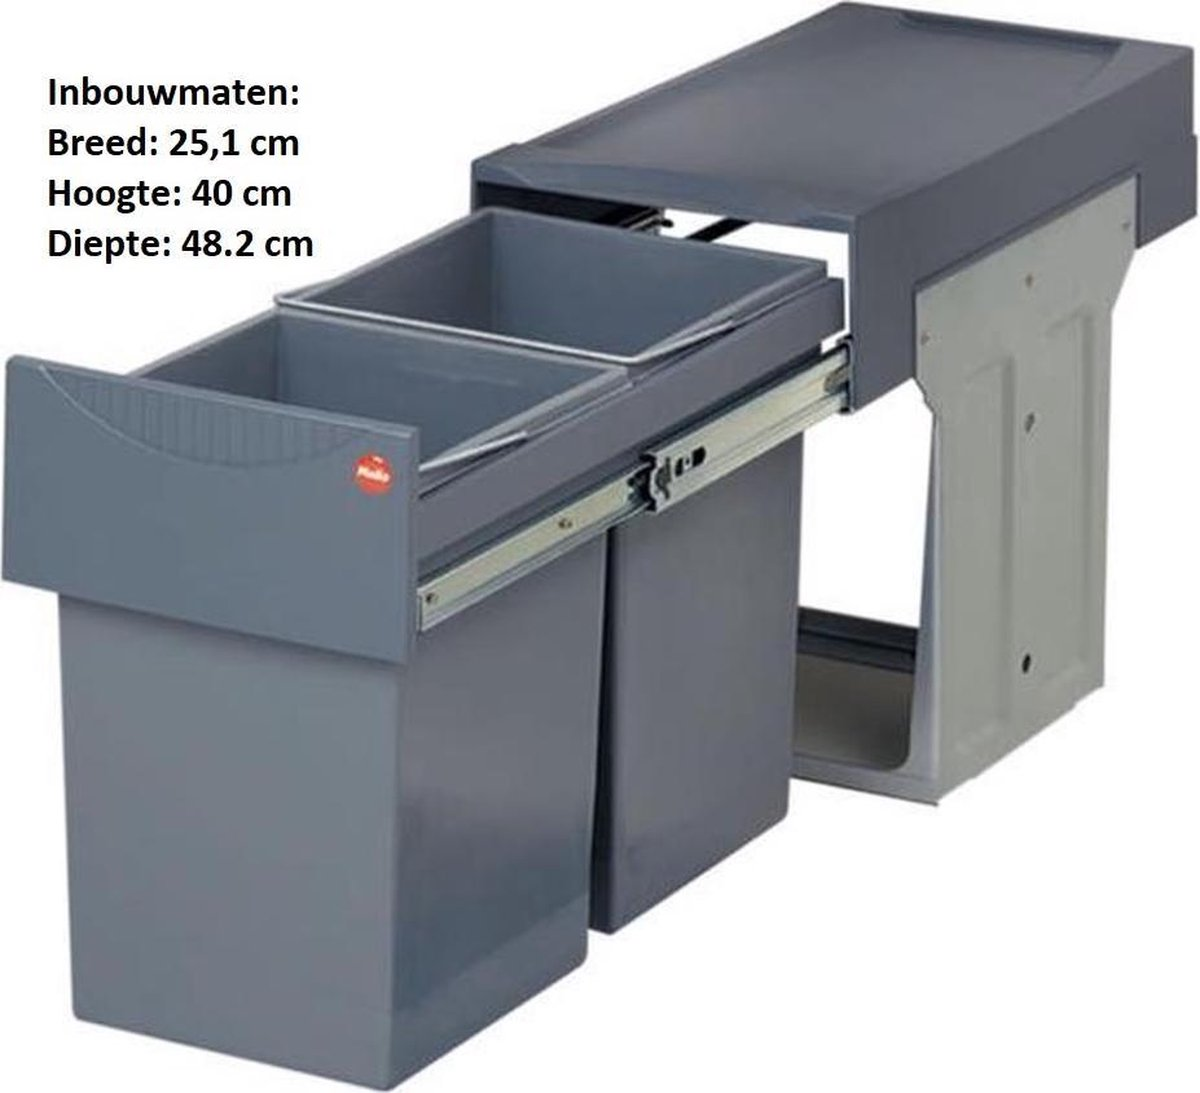 Hailo Tandem - Inbouw Prullenbak - 30 Liter Inhoud - Met 2 Compartimenten - Grijs